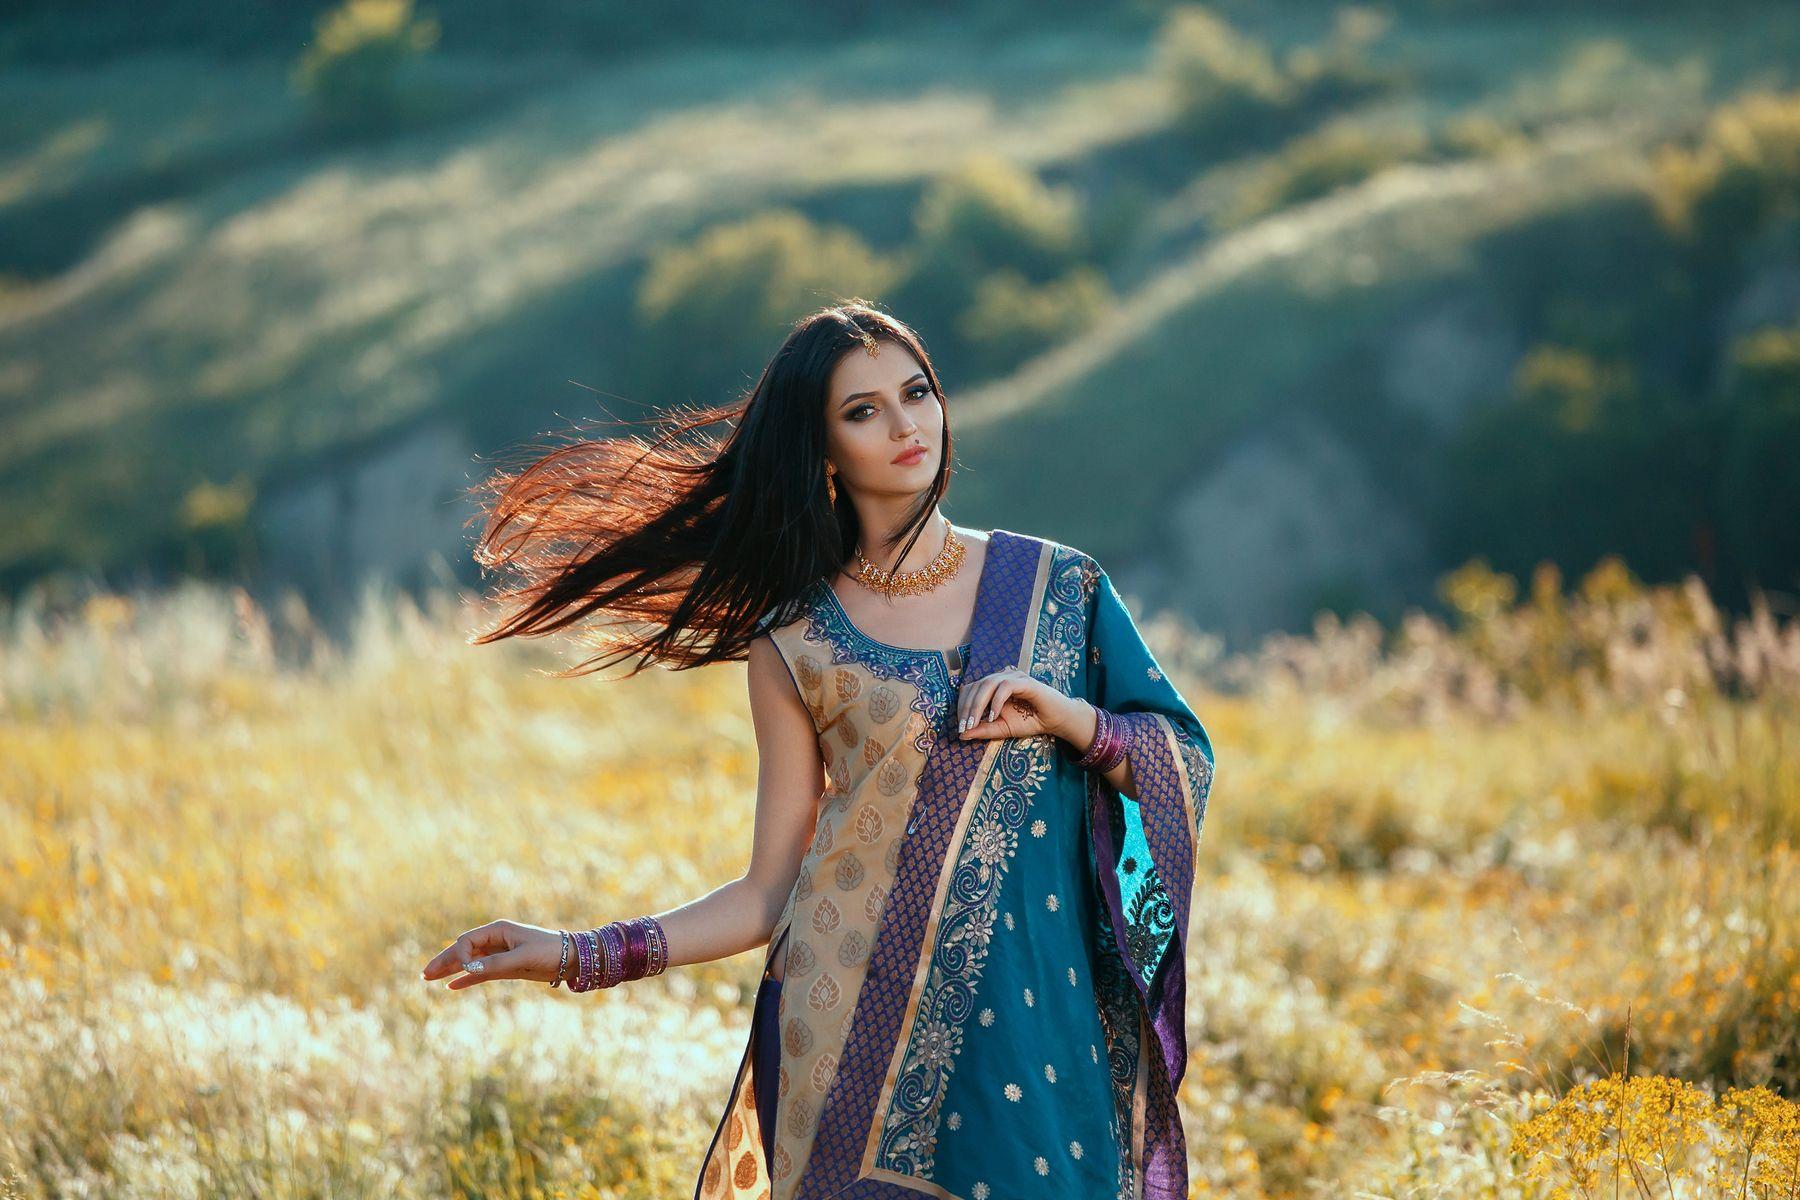 Old saree into a new salwar suit